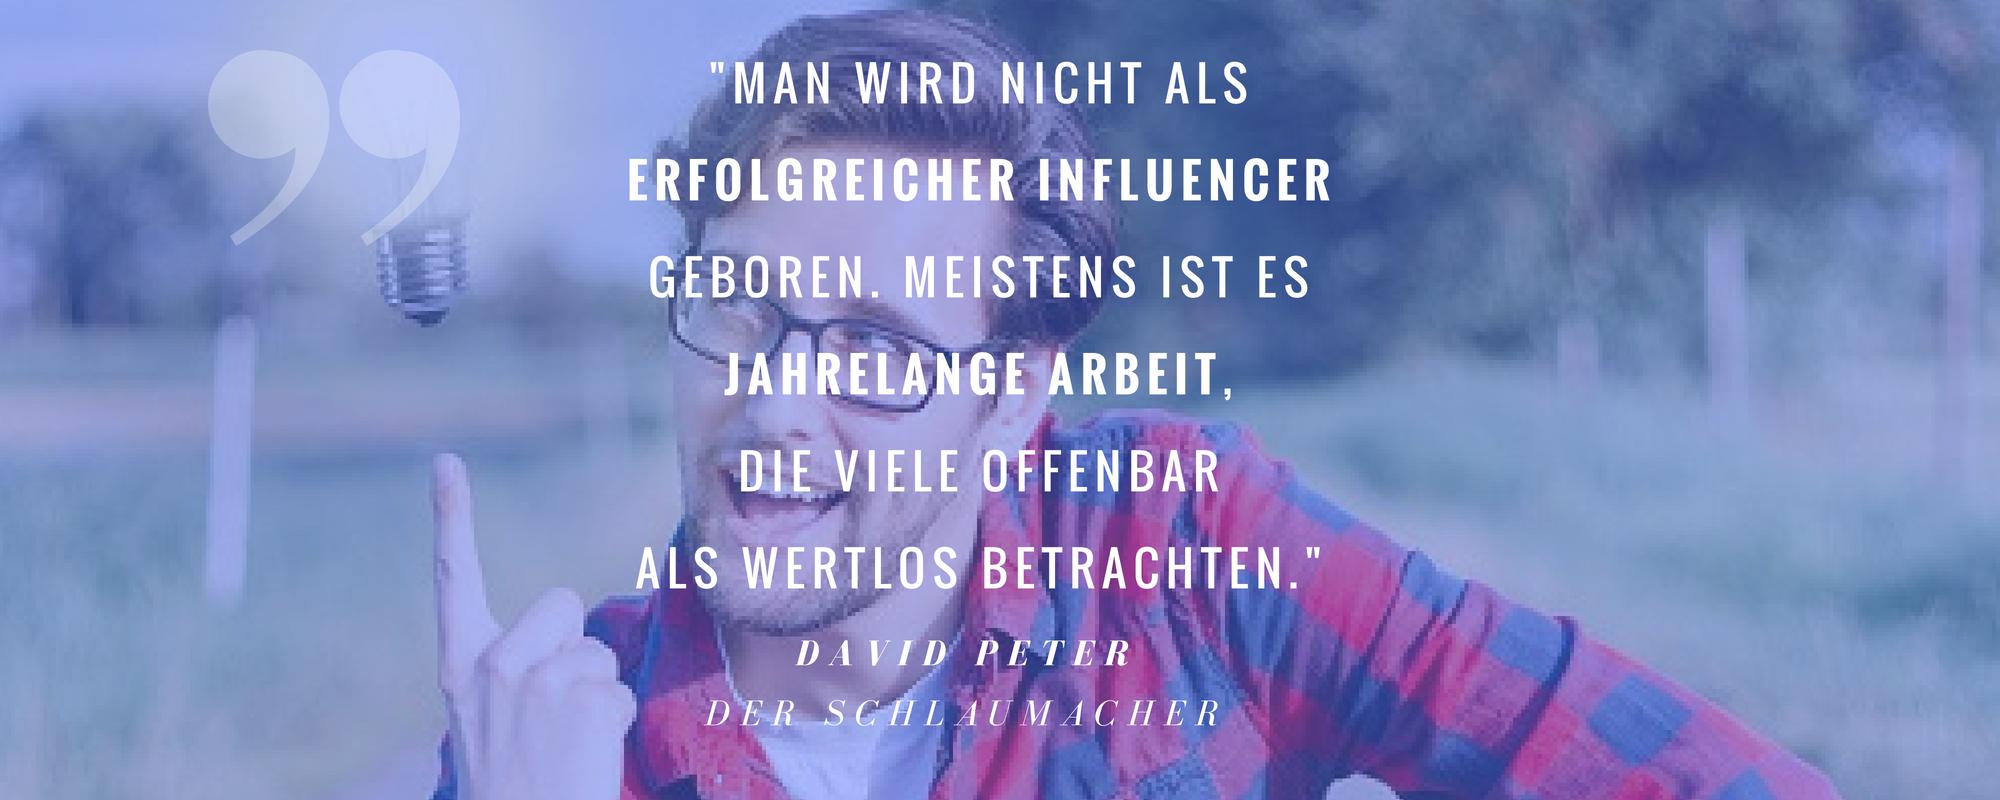 """""""Man wird nicht als erfolgreicher Influencer geboren."""" – David Peter alias """"Der Schlaumacher"""""""